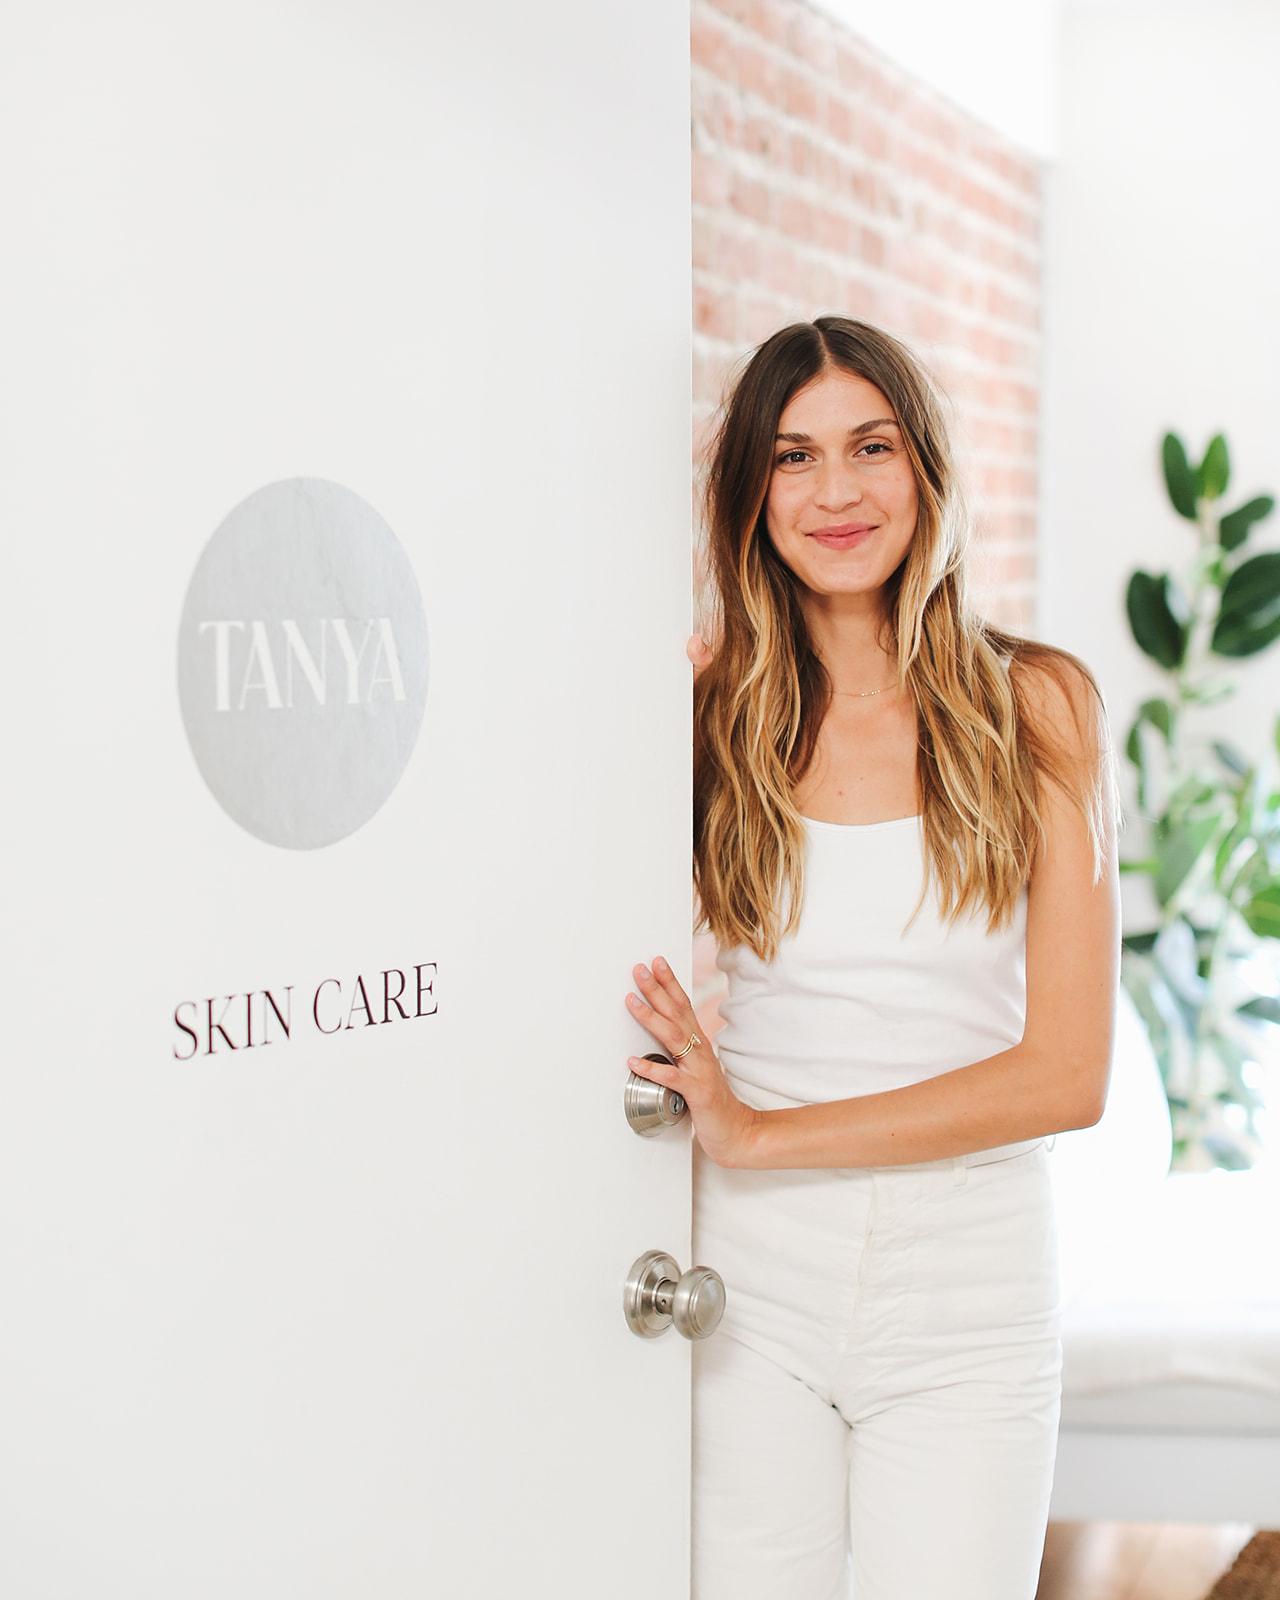 Tanya_Skincare-70.jpg